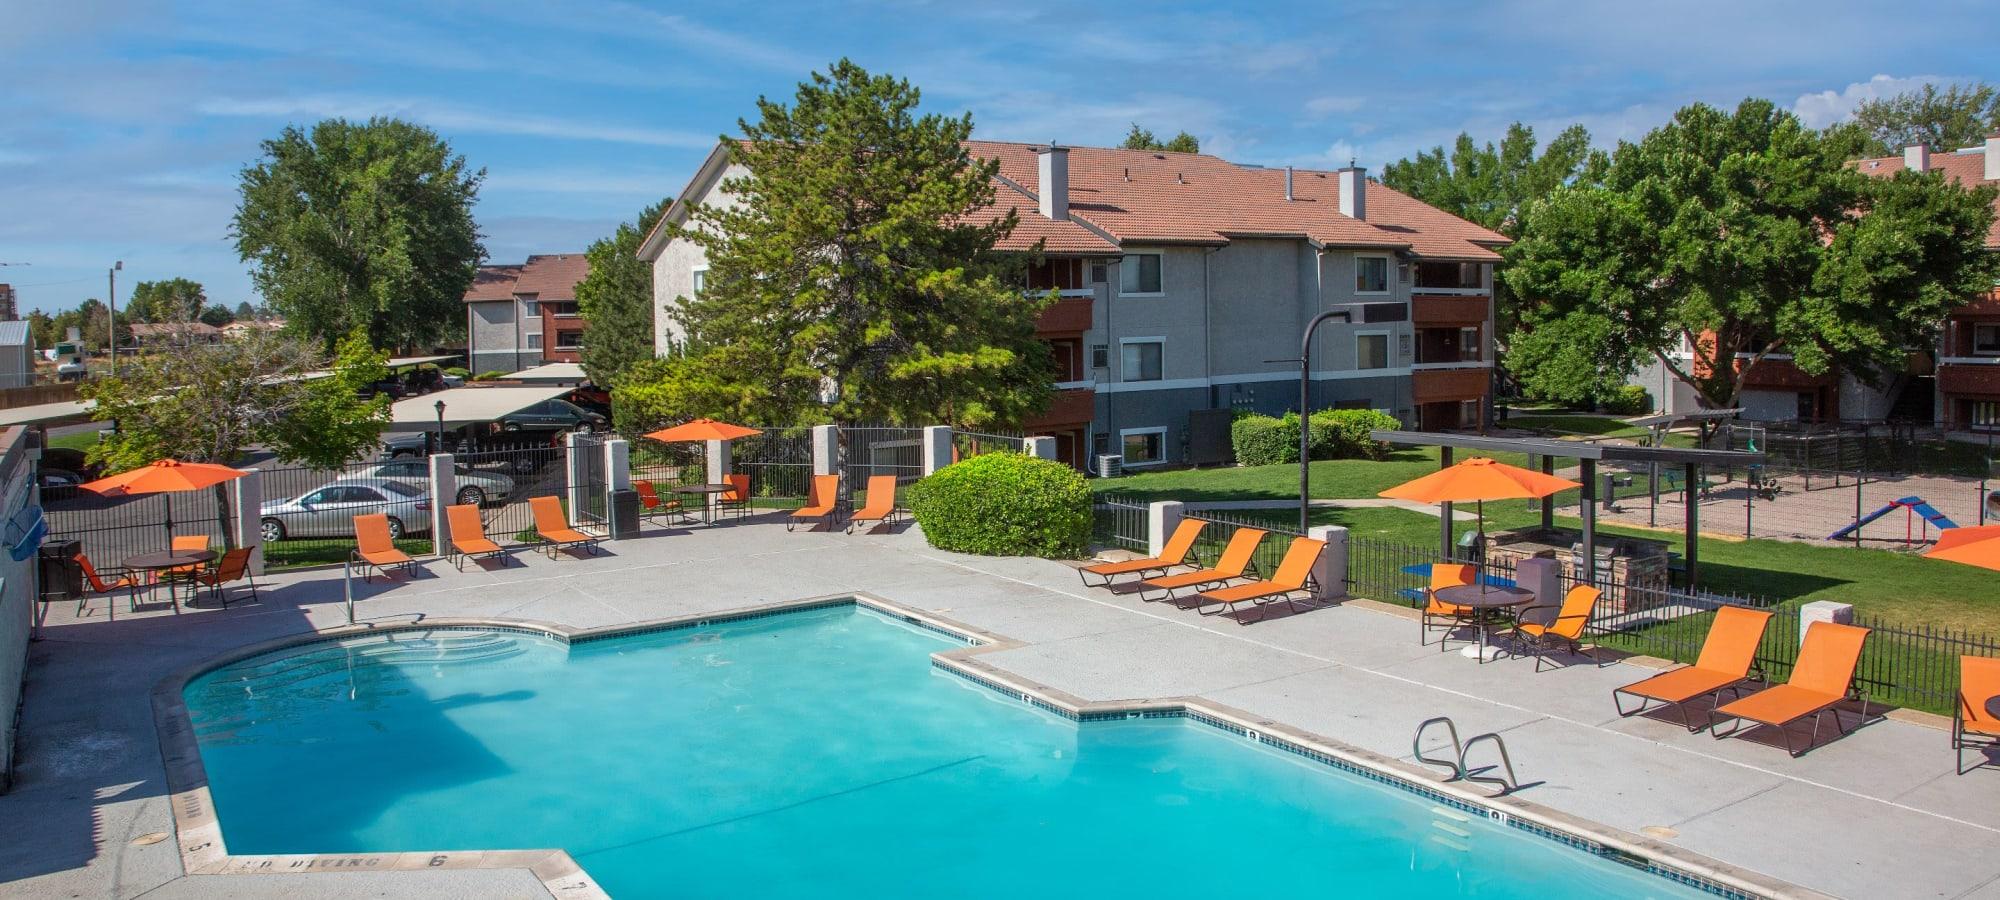 Pool Aerial in West Valley City, Utah at Shadowbrook Apartments